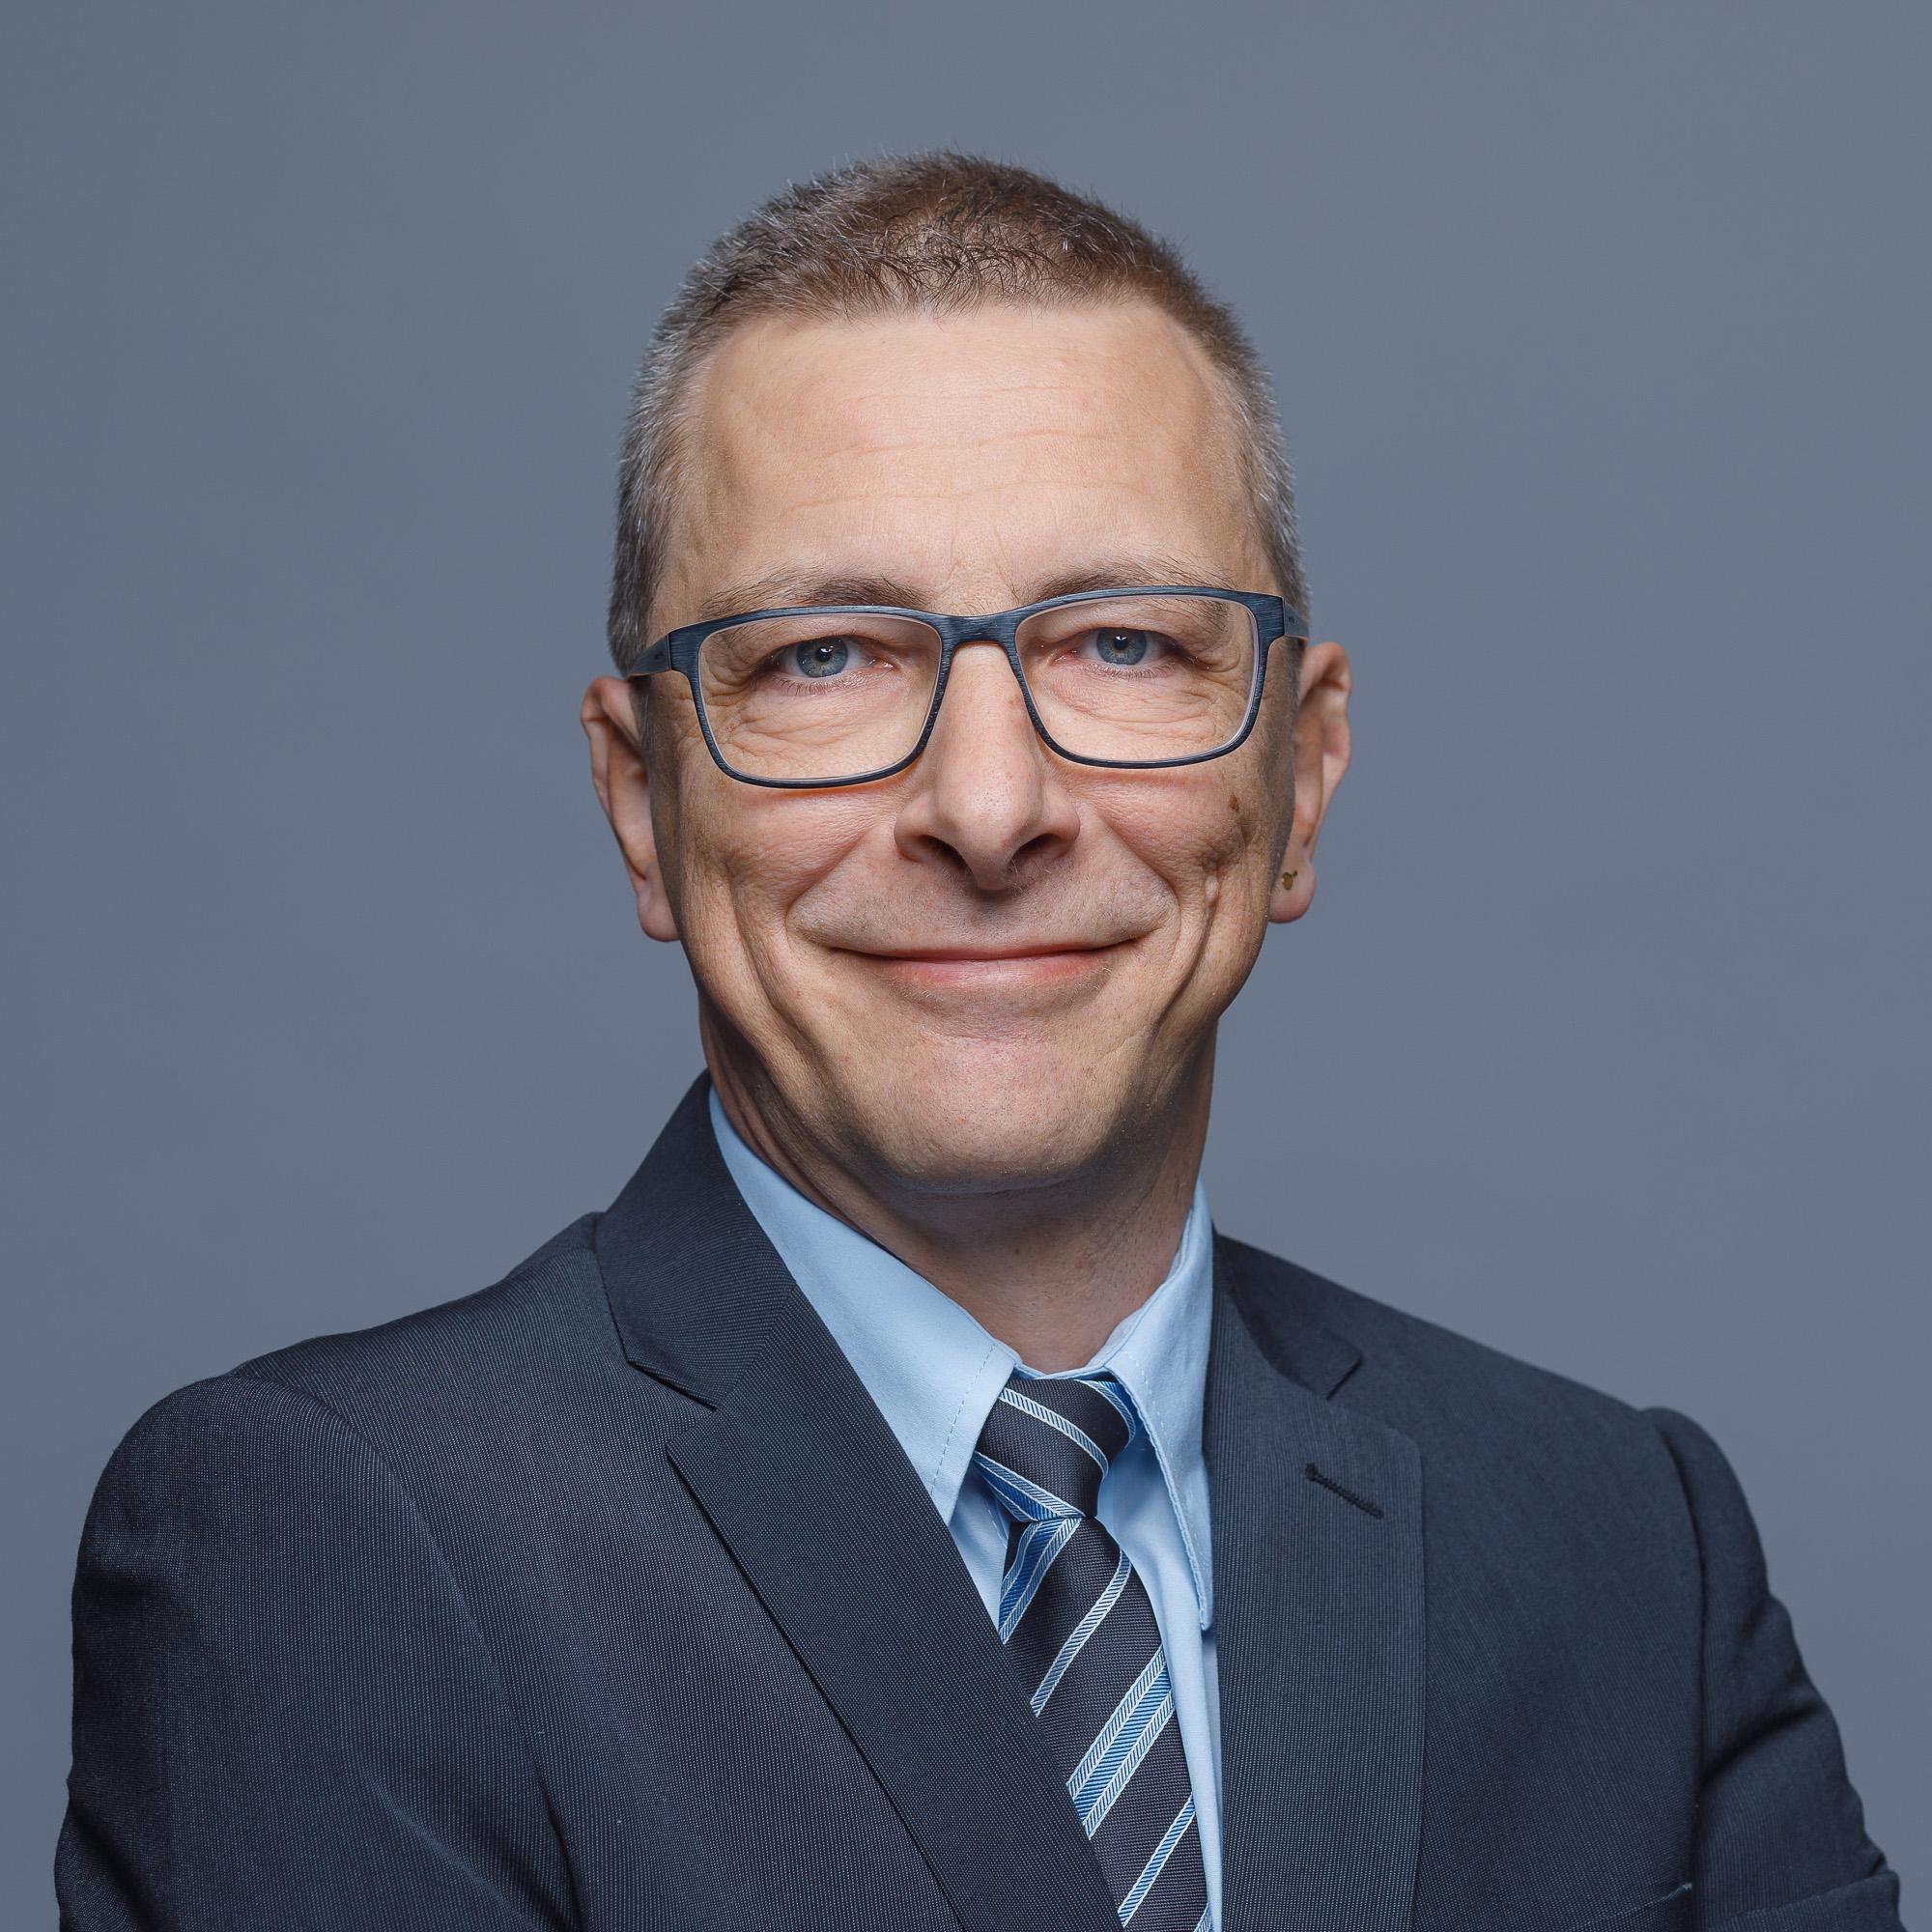 Alexander Huber